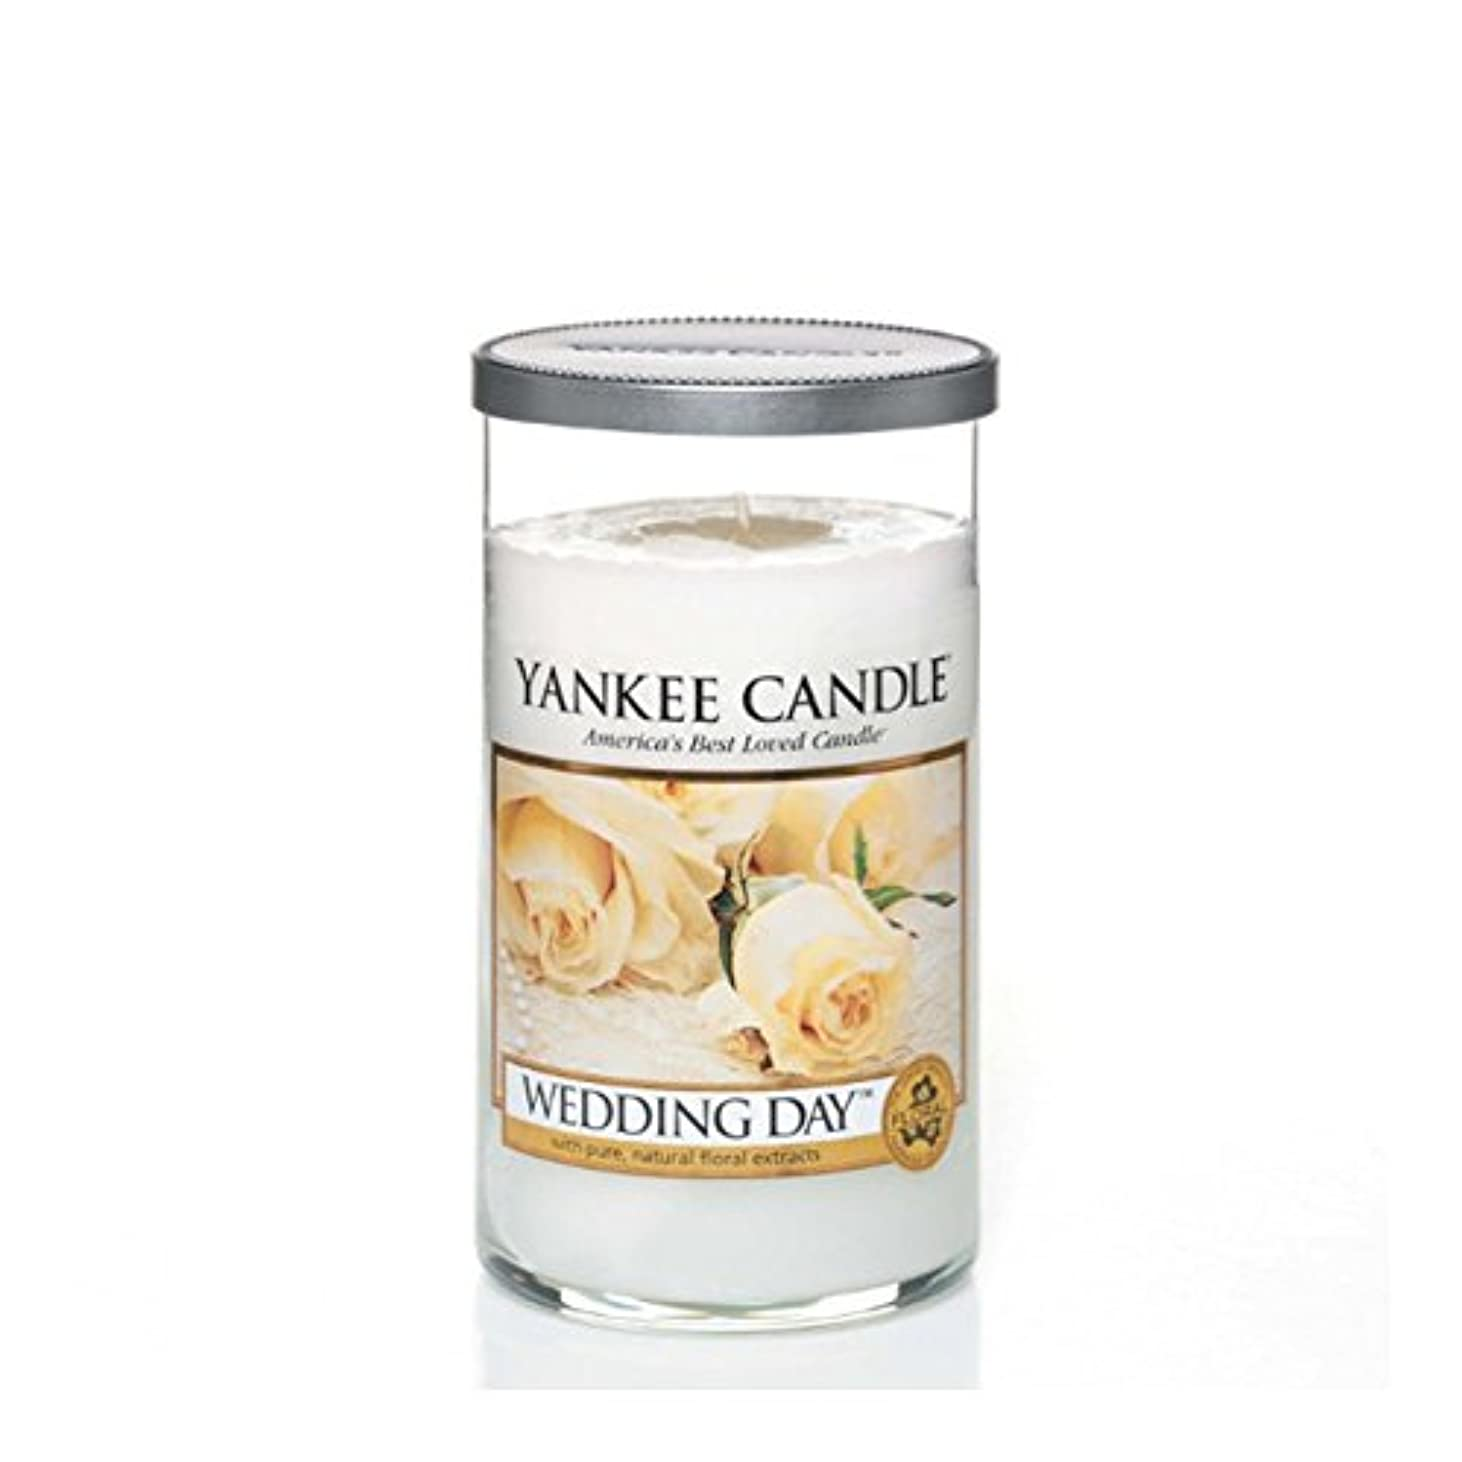 樹皮ダーベビルのテスパイロットヤンキーキャンドルメディアピラーキャンドル - 結婚式の日 - Yankee Candles Medium Pillar Candle - Wedding Day (Yankee Candles) [並行輸入品]